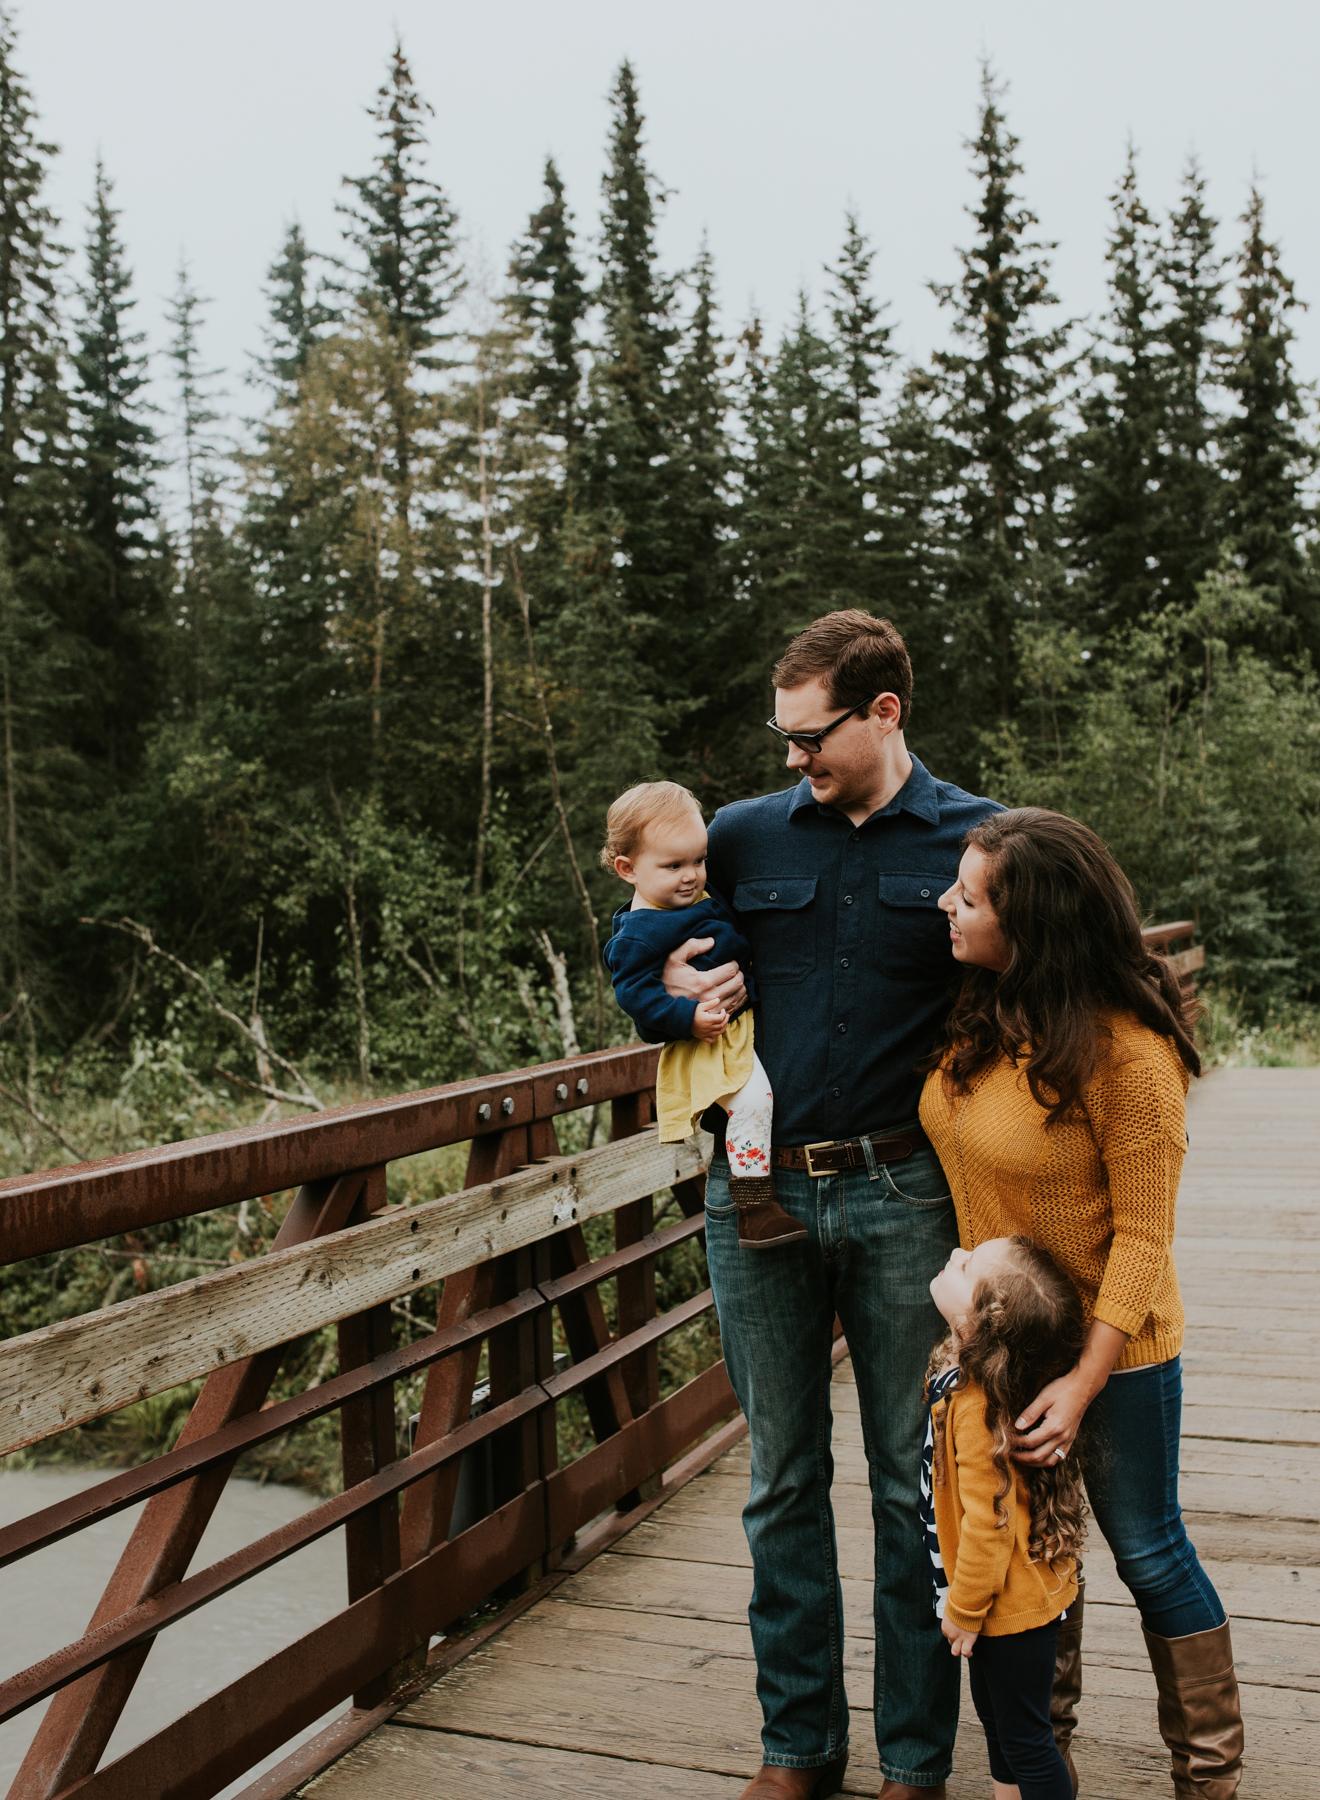 7eagleriveralaskafamilyphotographer.jpg